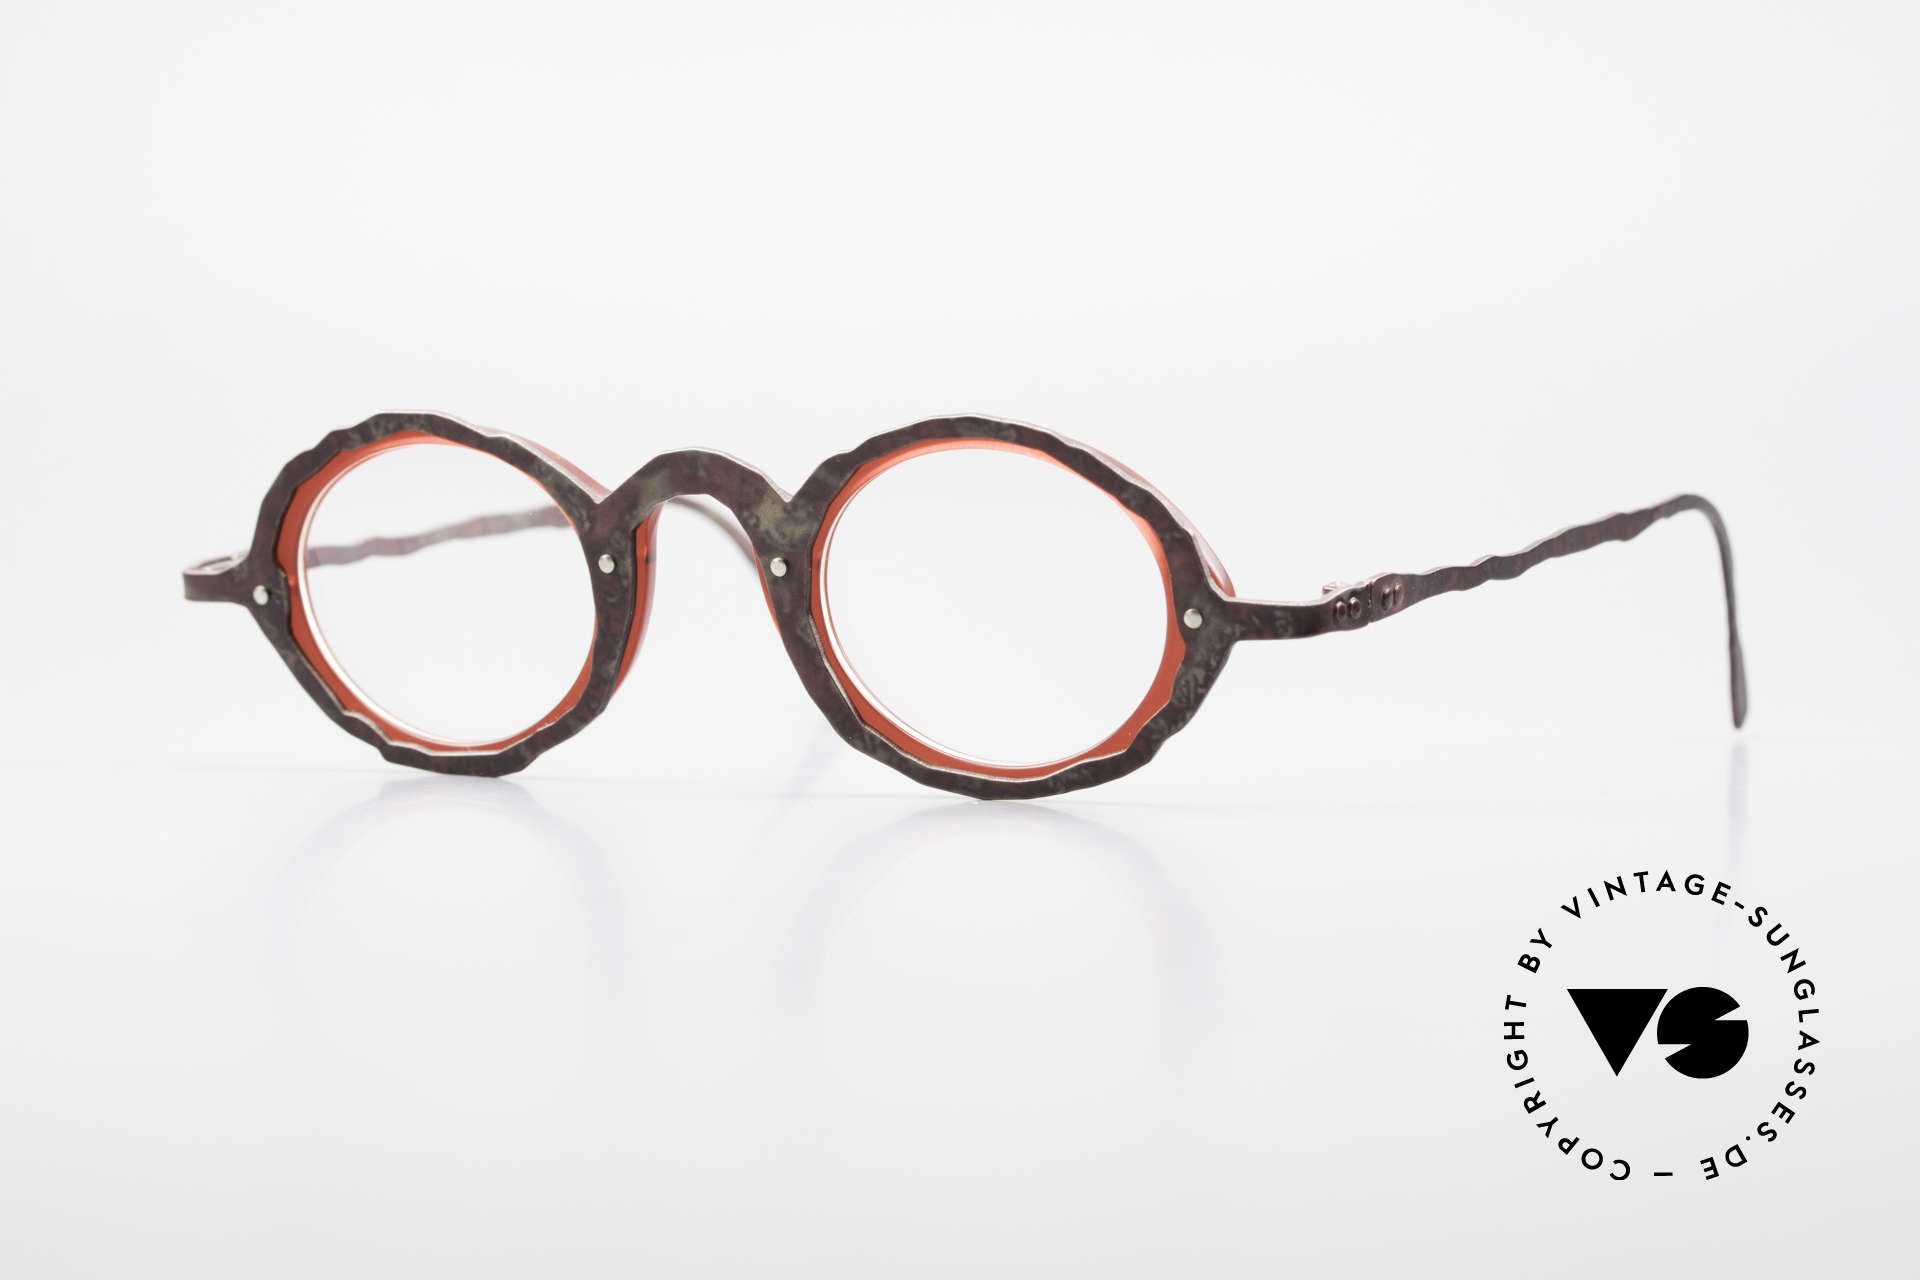 Theo Belgium Eye-Witness GG Avant-Garde Eyeglasses 90's, vintage Theo eyeglasses of the fancy Eye-Witness series, Made for Men and Women